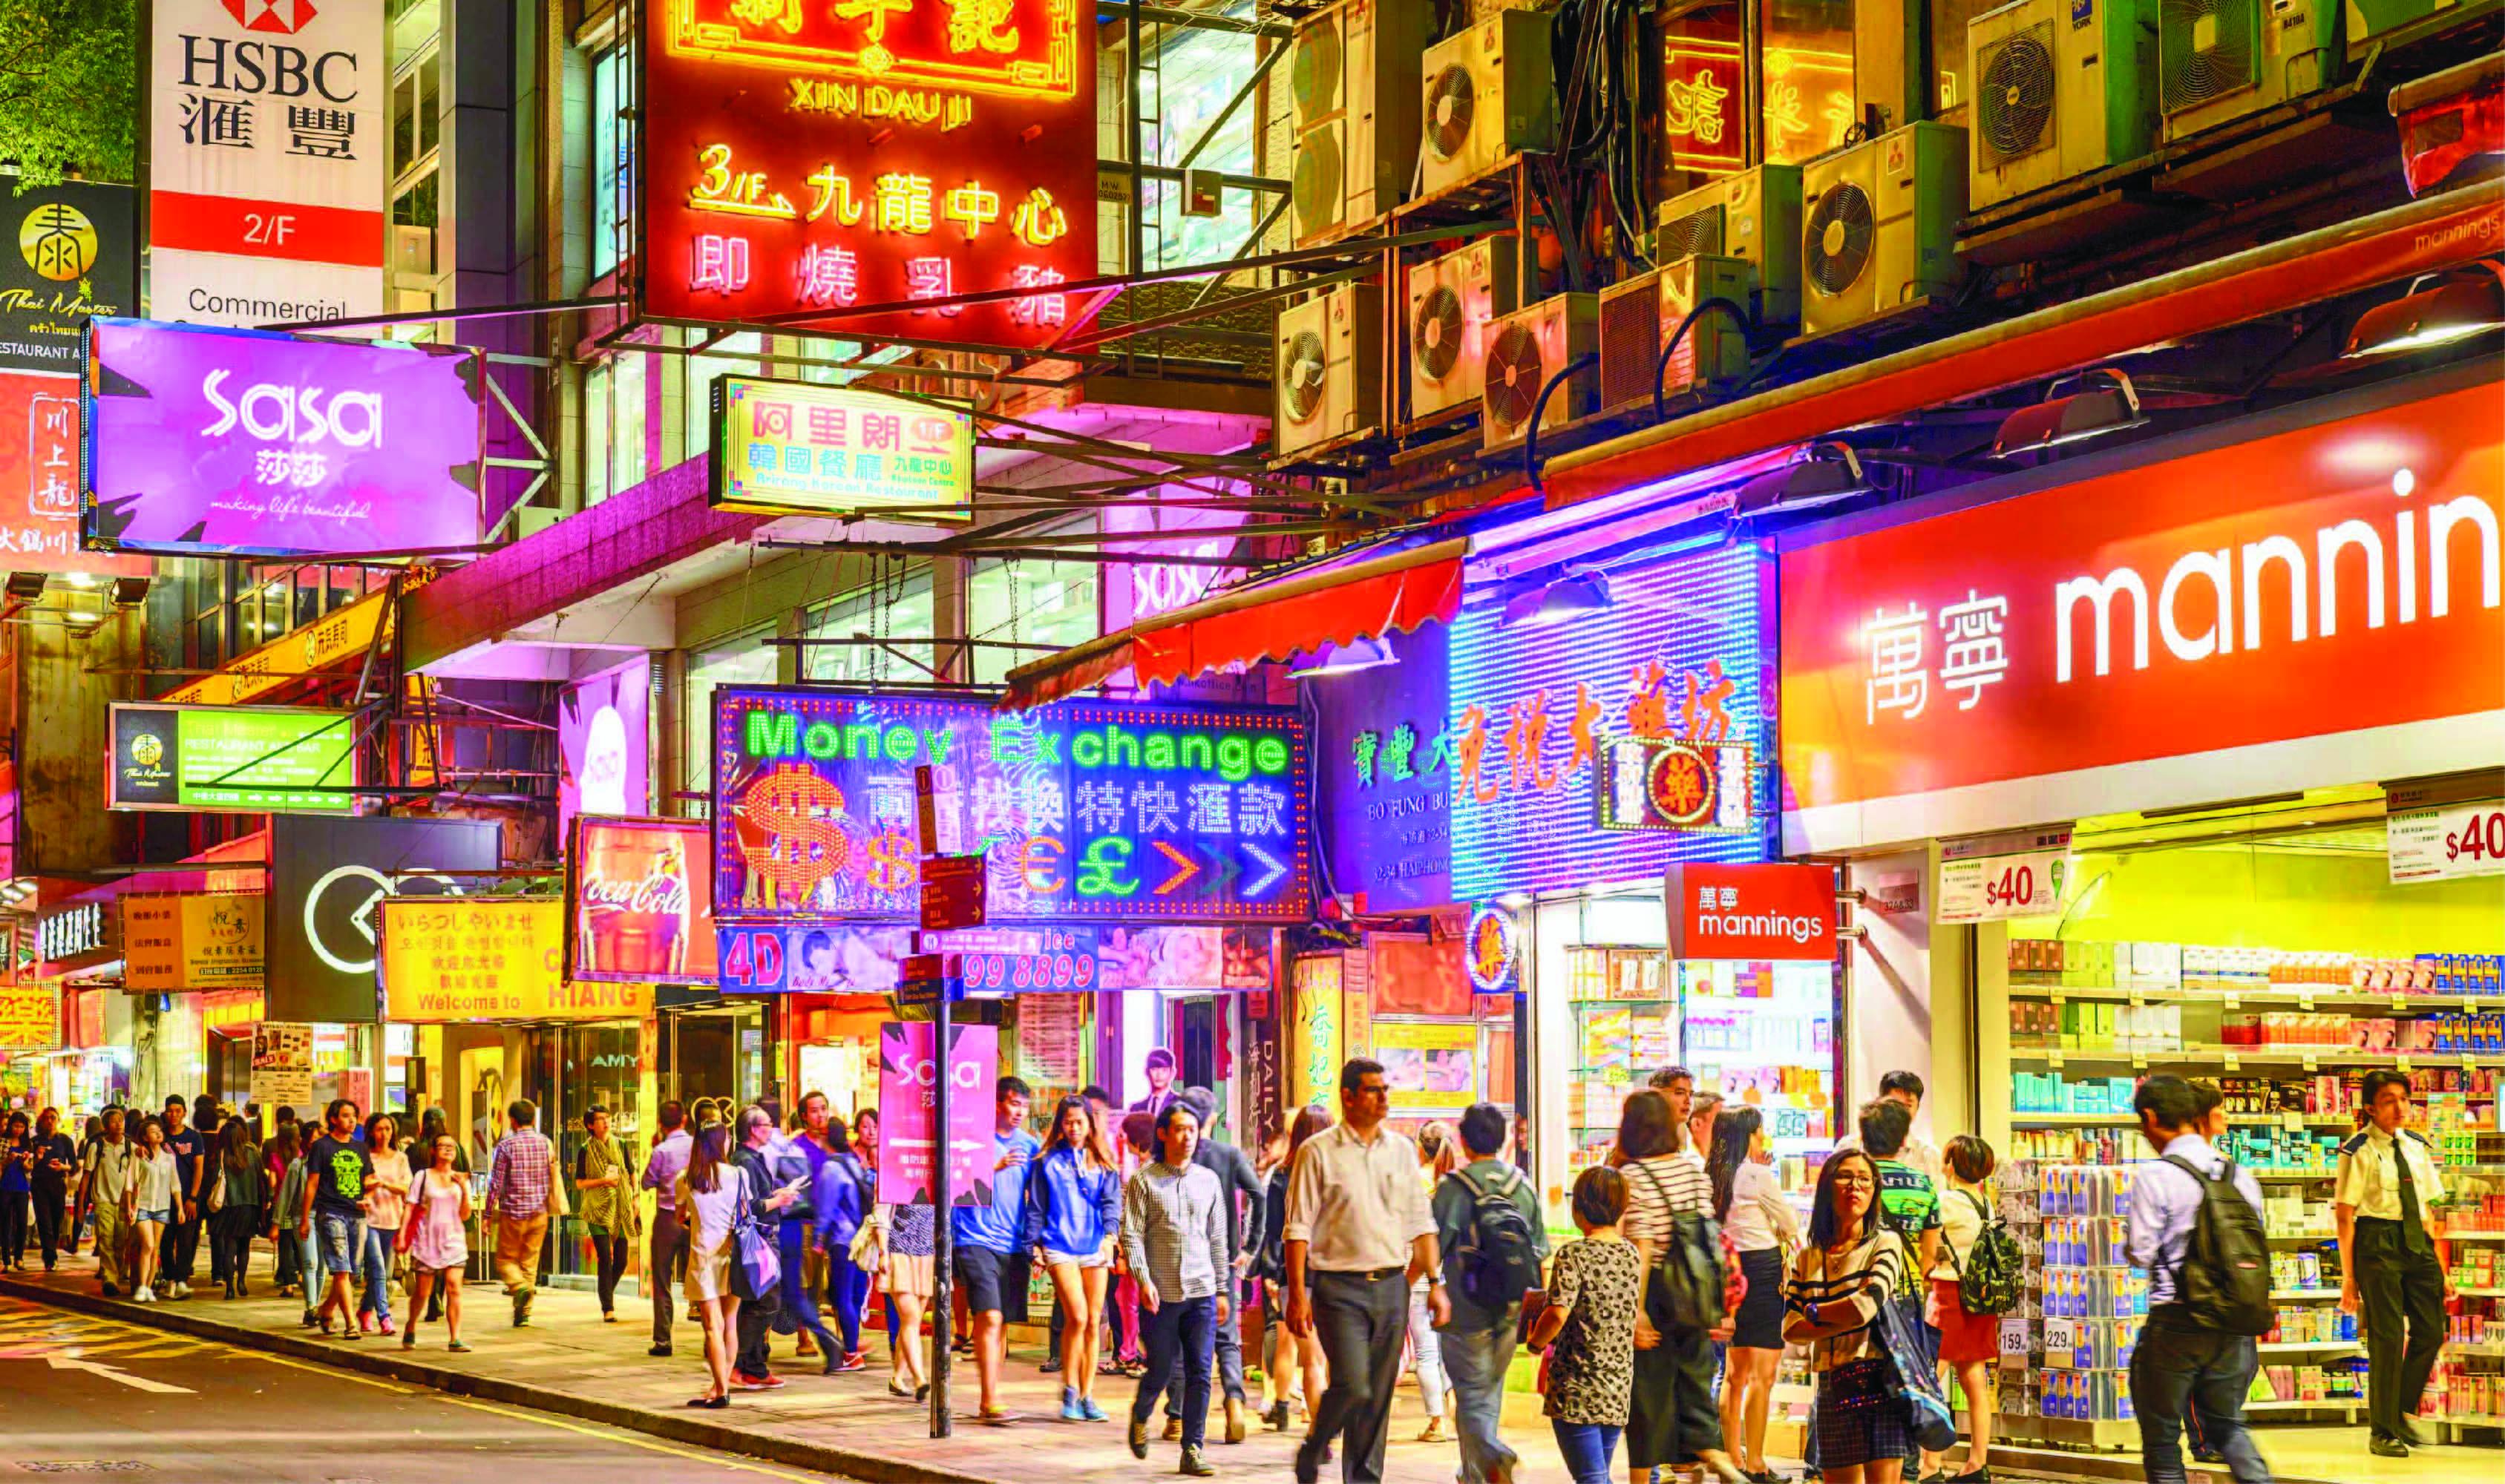 ทัวร์ฮ่องกง ฮ่องกง Shopping 3วัน2คืน บิน EK